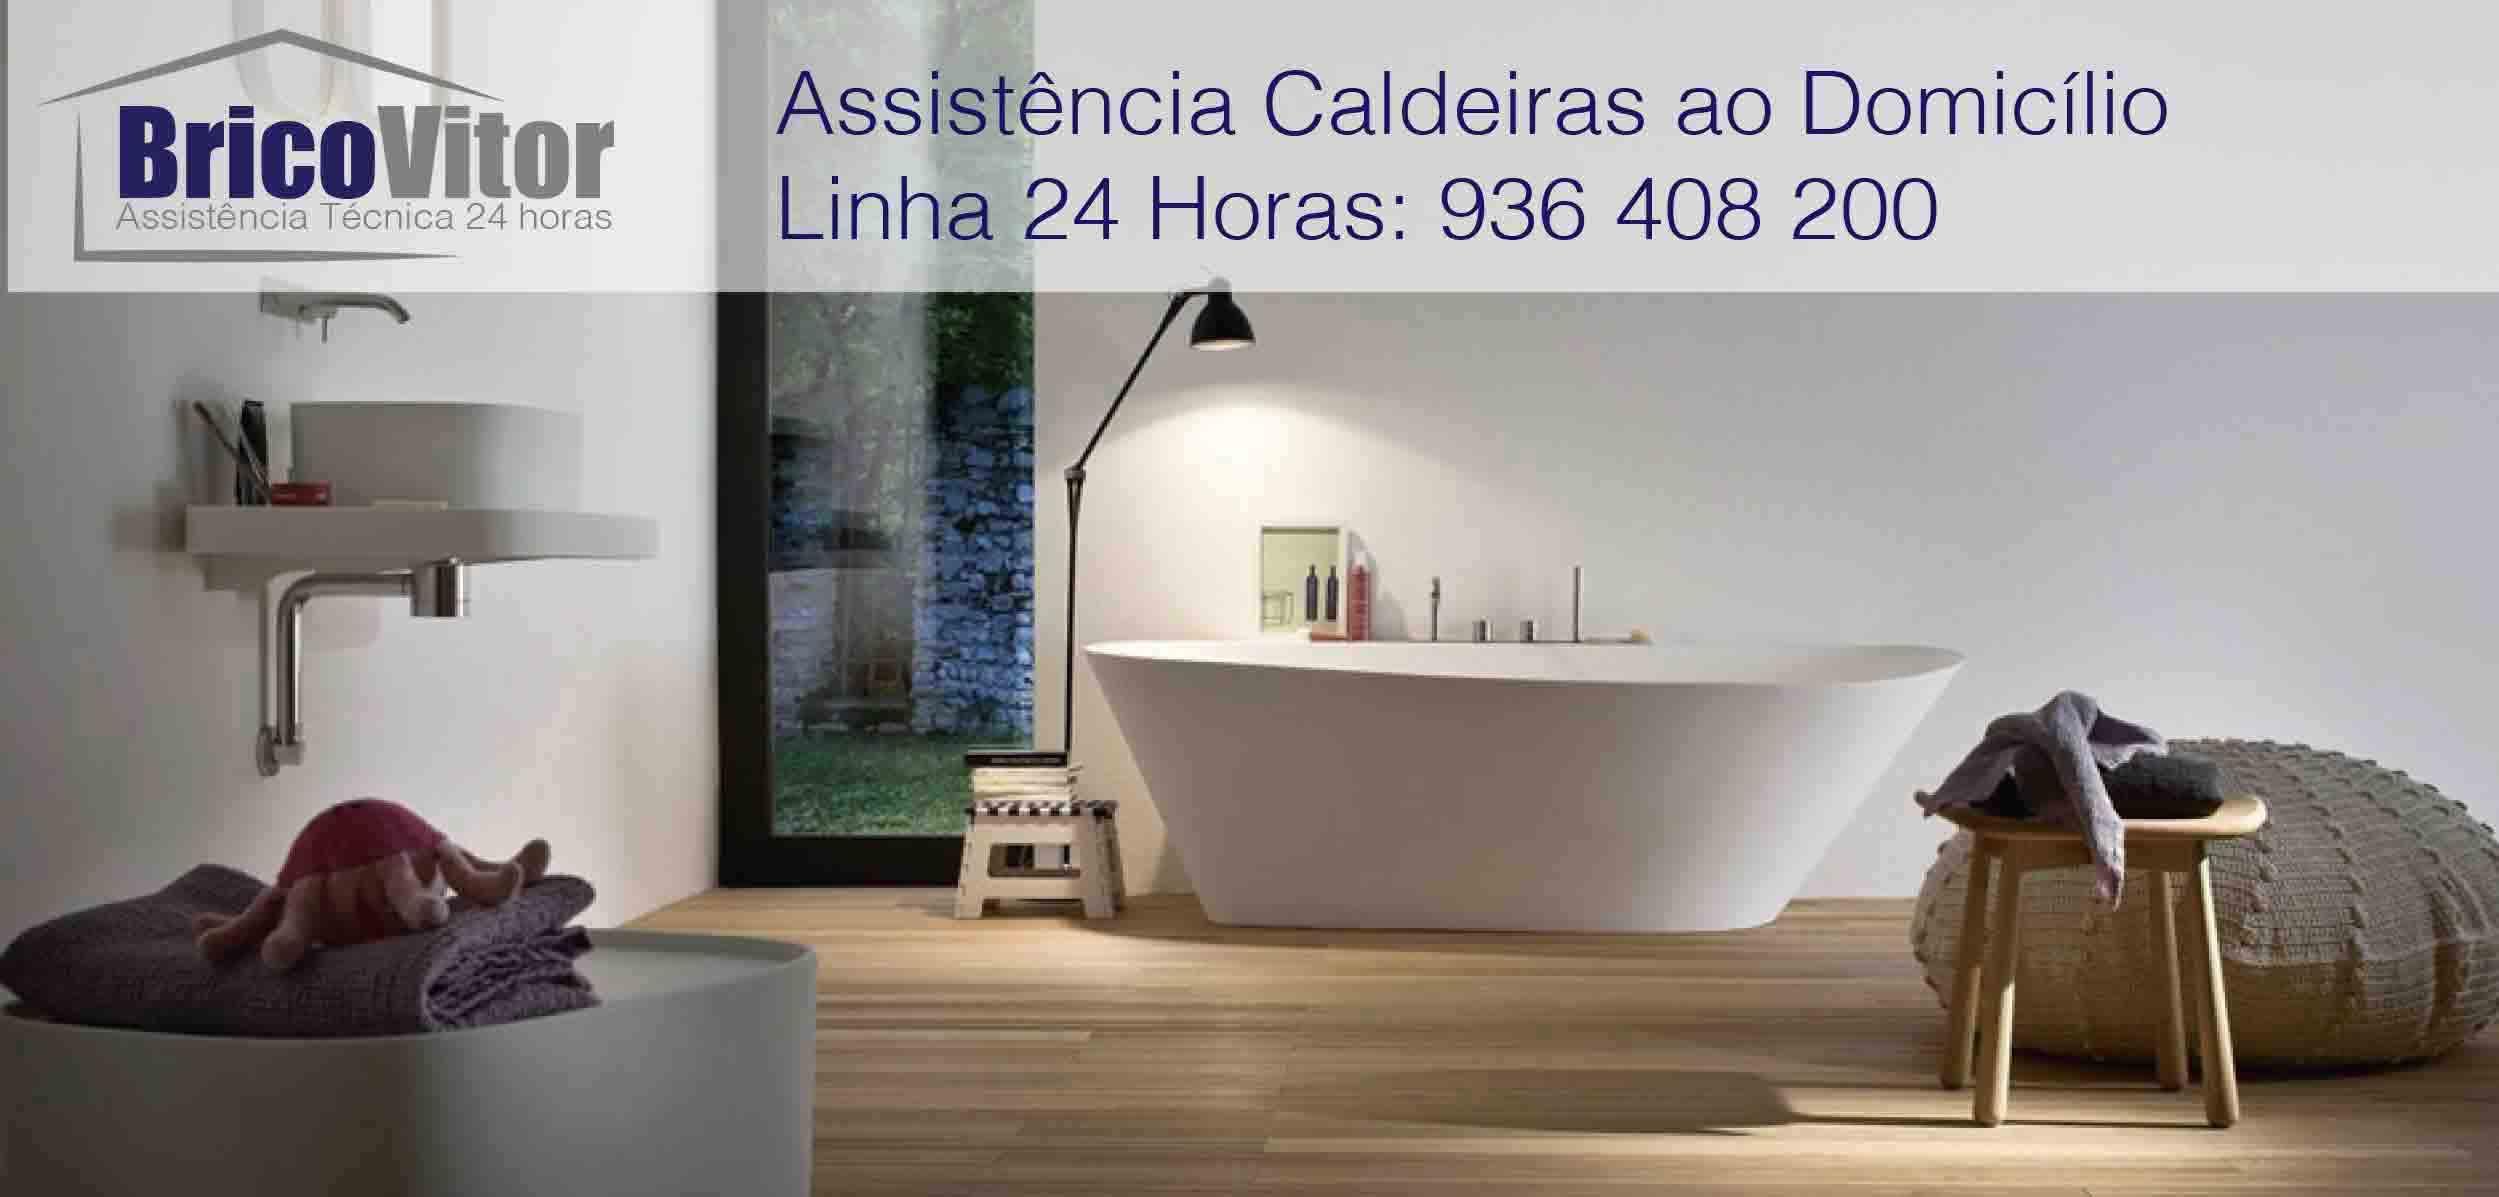 Assistência Caldeiras Porto, reparação e venda domicílio